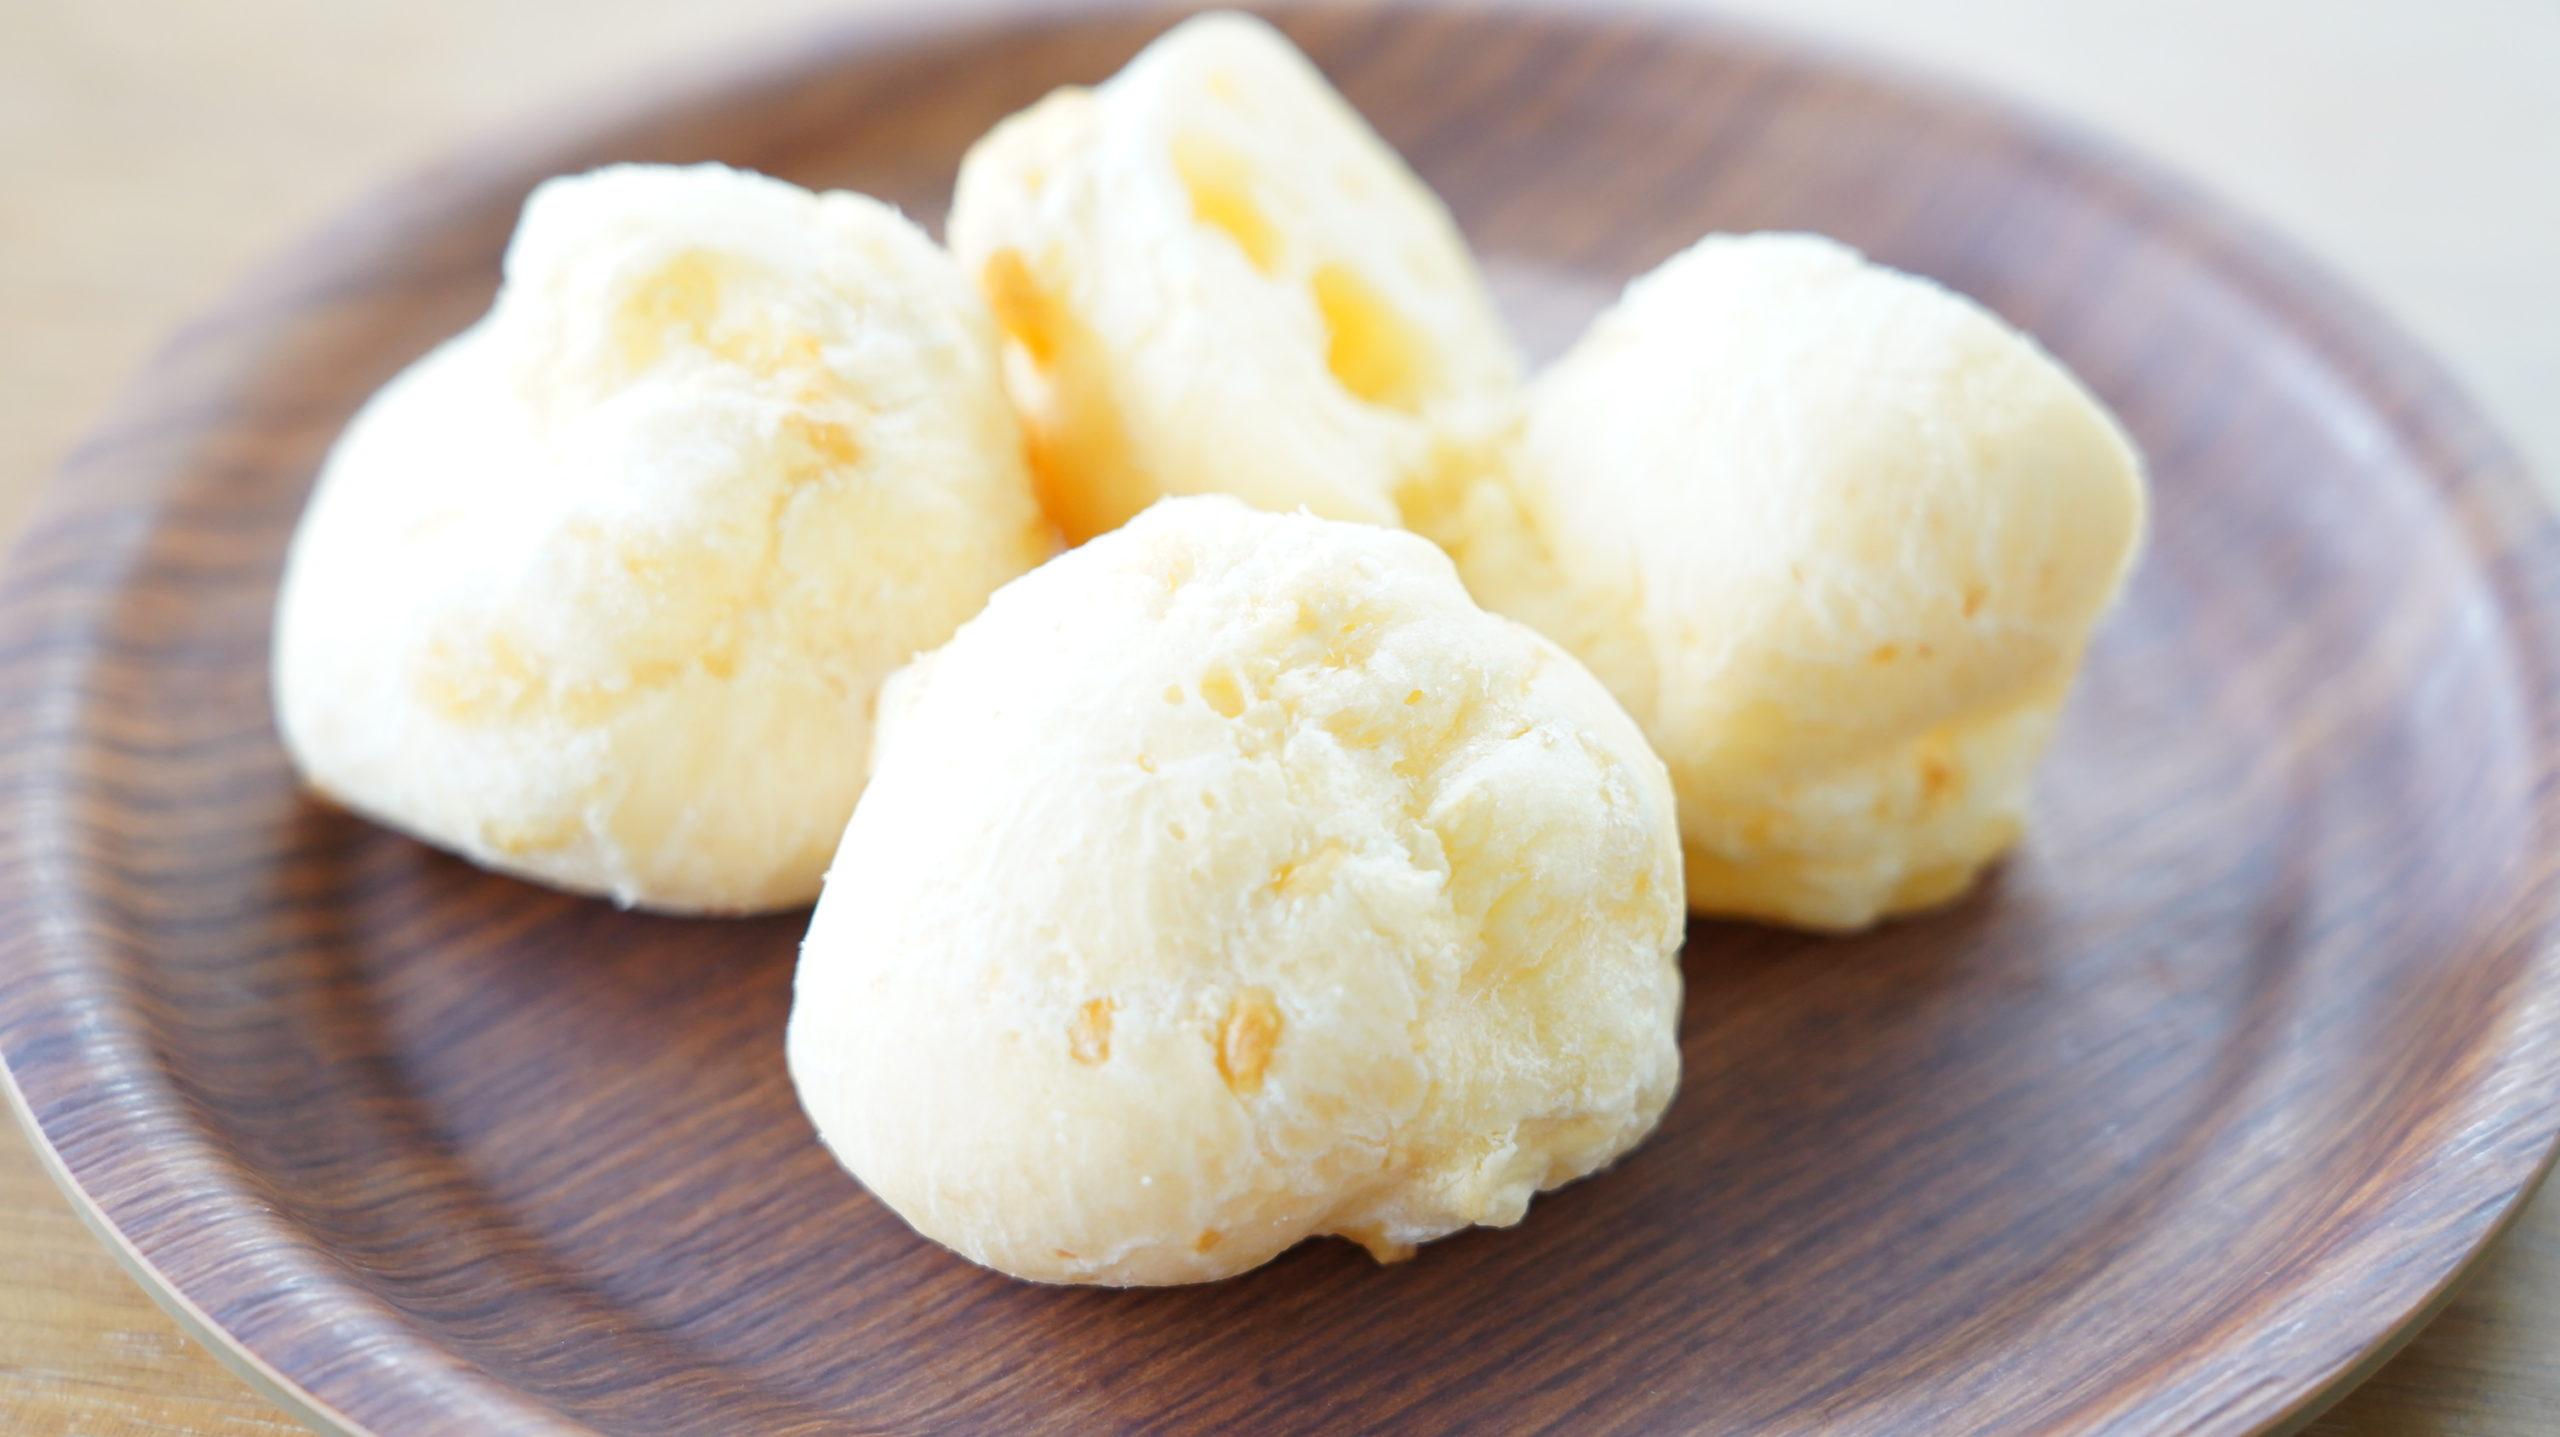 コストコの冷凍食品「ポン・デ・ケージョ」の解凍前の商品写真